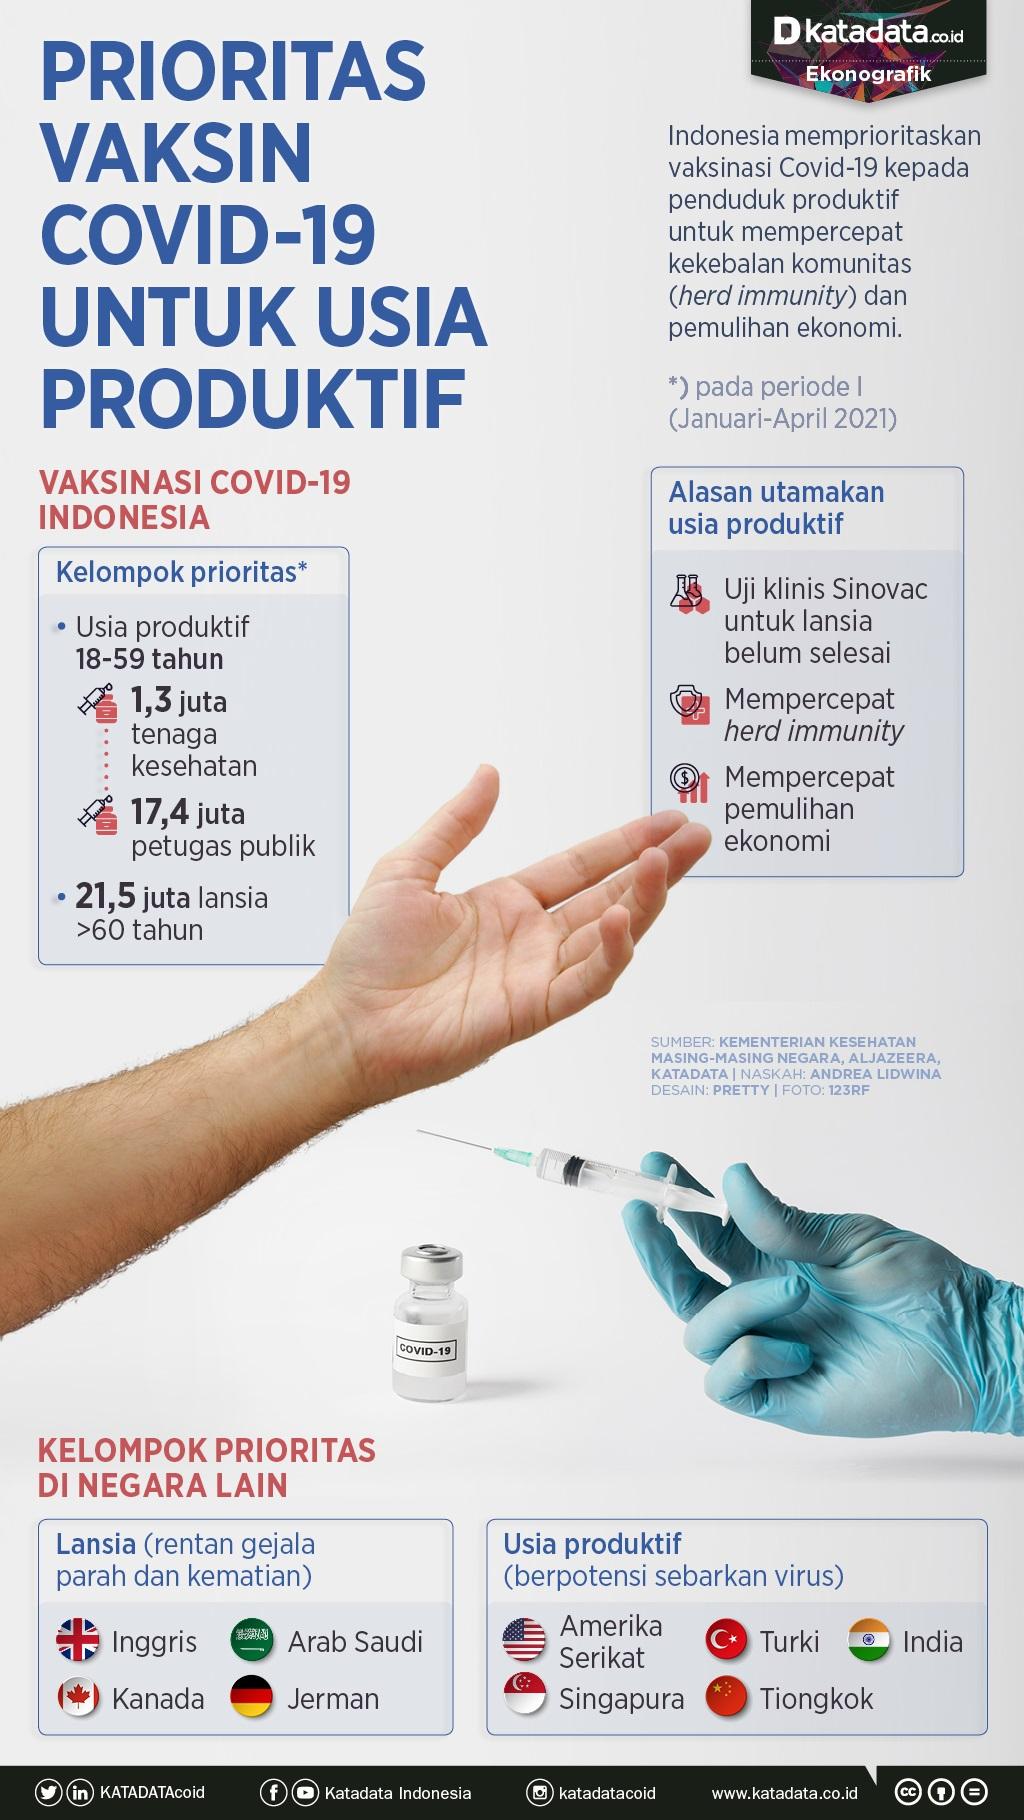 Infografik_Prioritas vaksin covid-19 untuk usia produktif